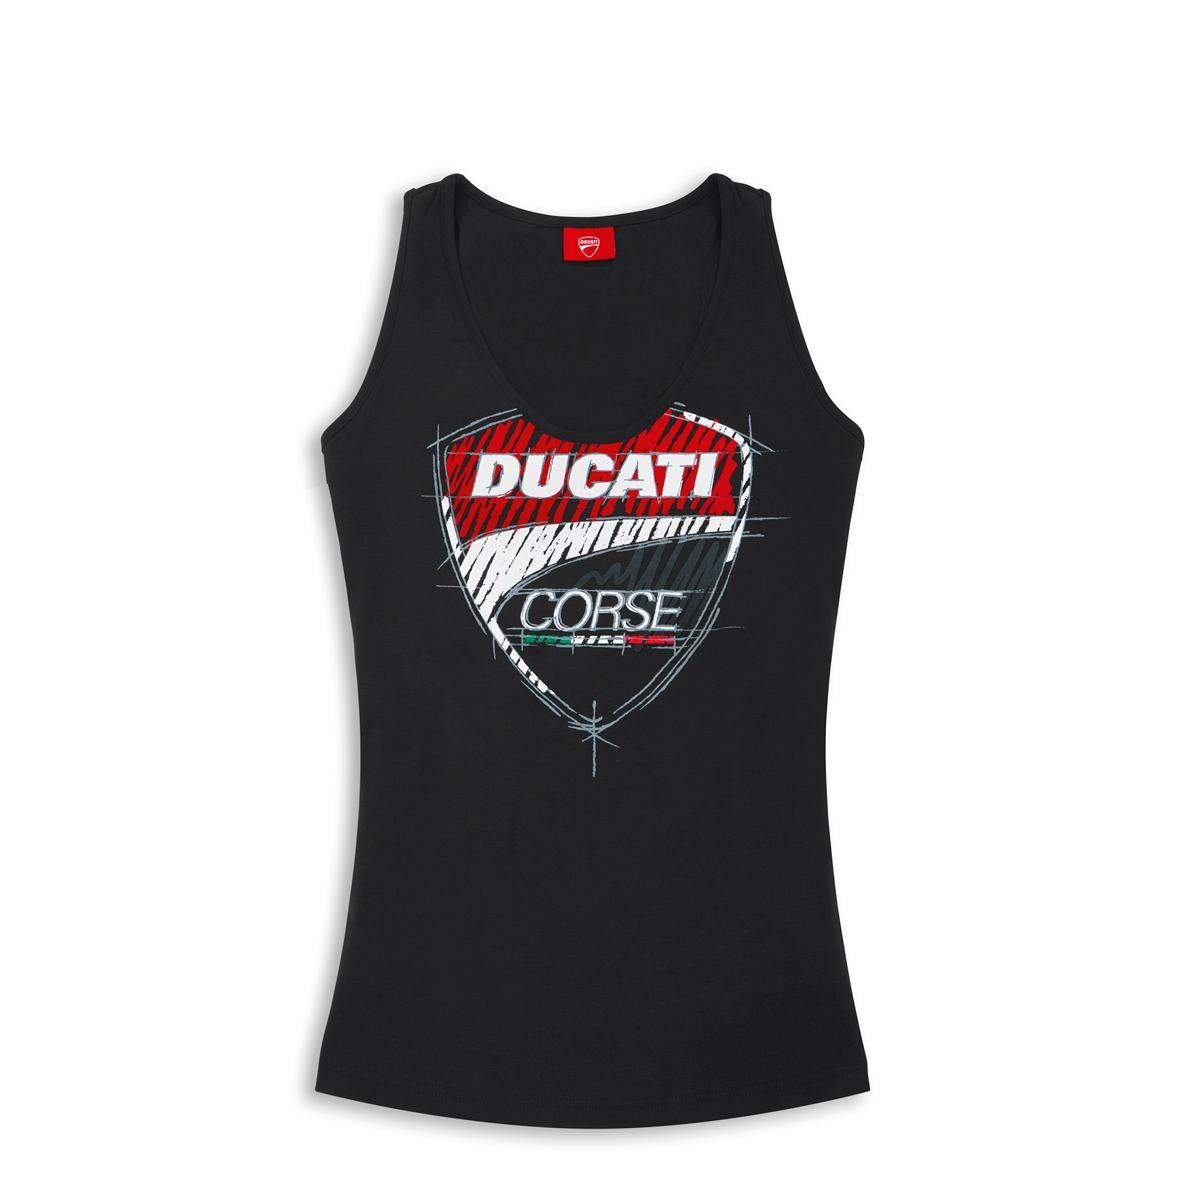 Ducati Lady Corse Singlet 17 Black Vest SqA1PwS